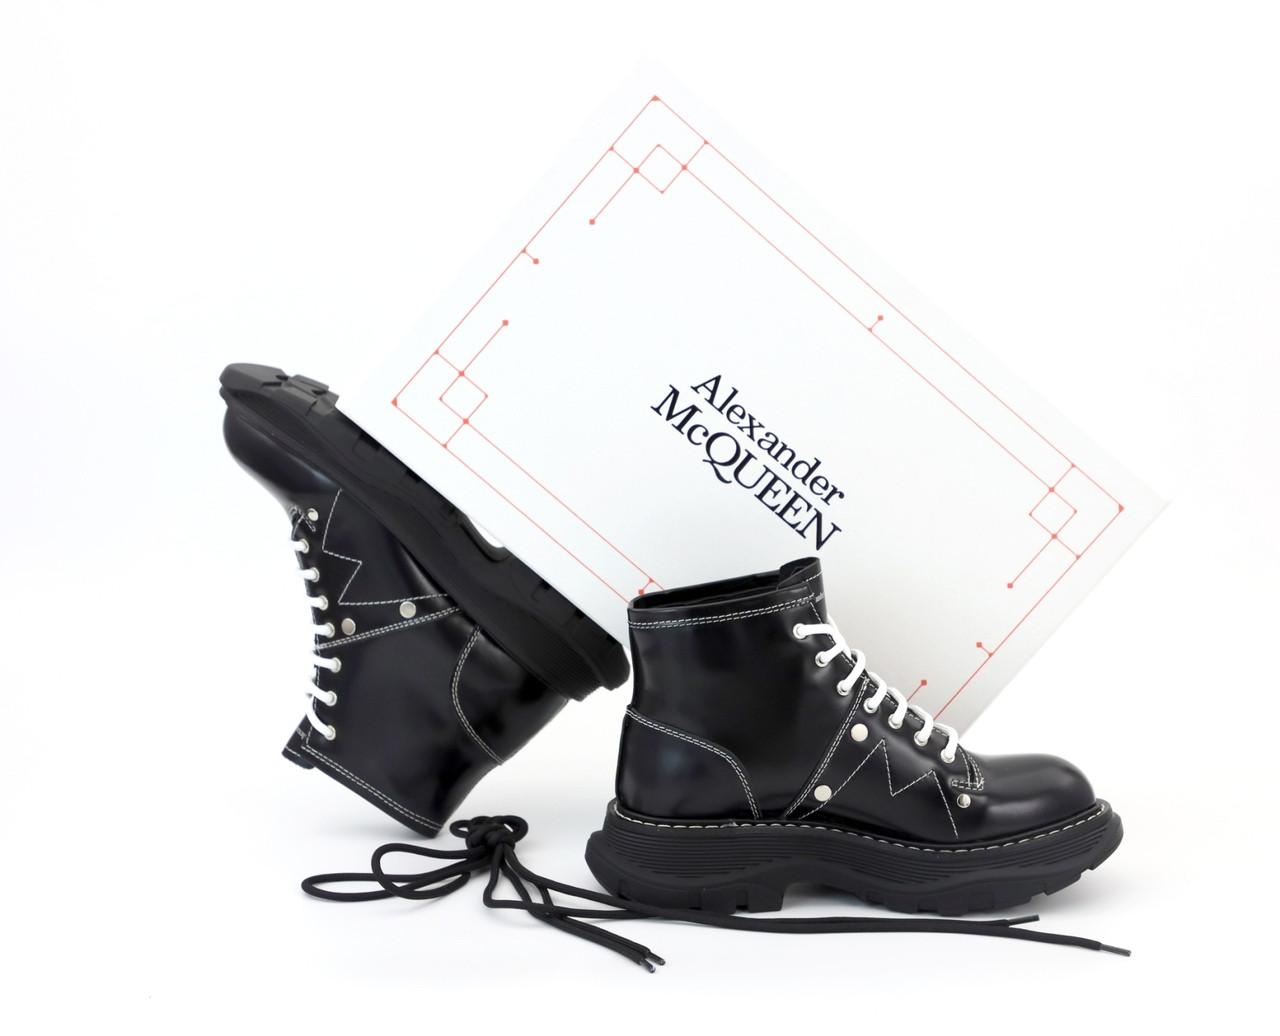 Жіночі черевики Alexander McQueen в стилі олександр маккуїн Чорні НА ХУТРІ (Репліка ААА+)